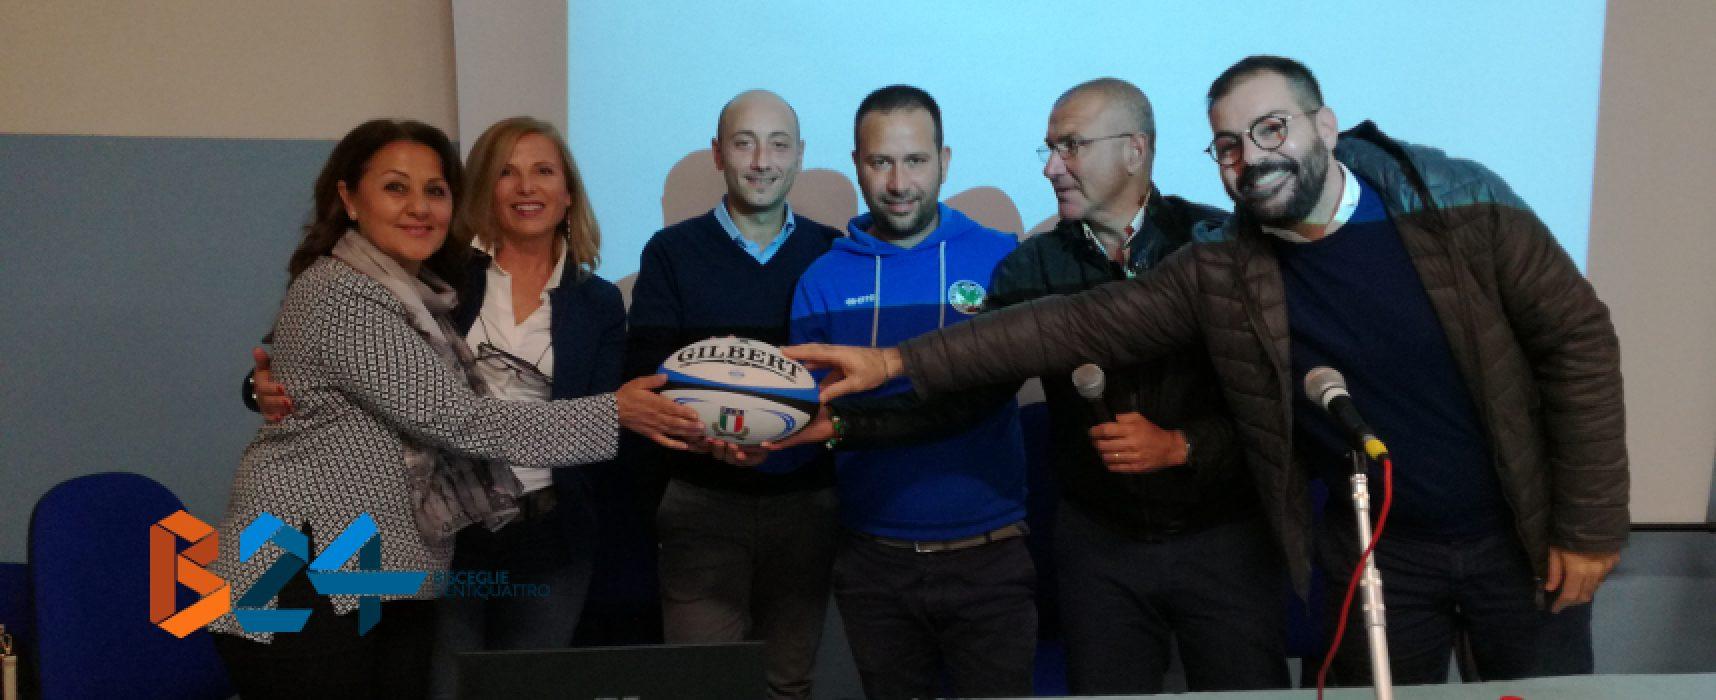 Convegno su sport, salute e alimentazione: applausi per il progetto dei Bees Rugby / VIDEO